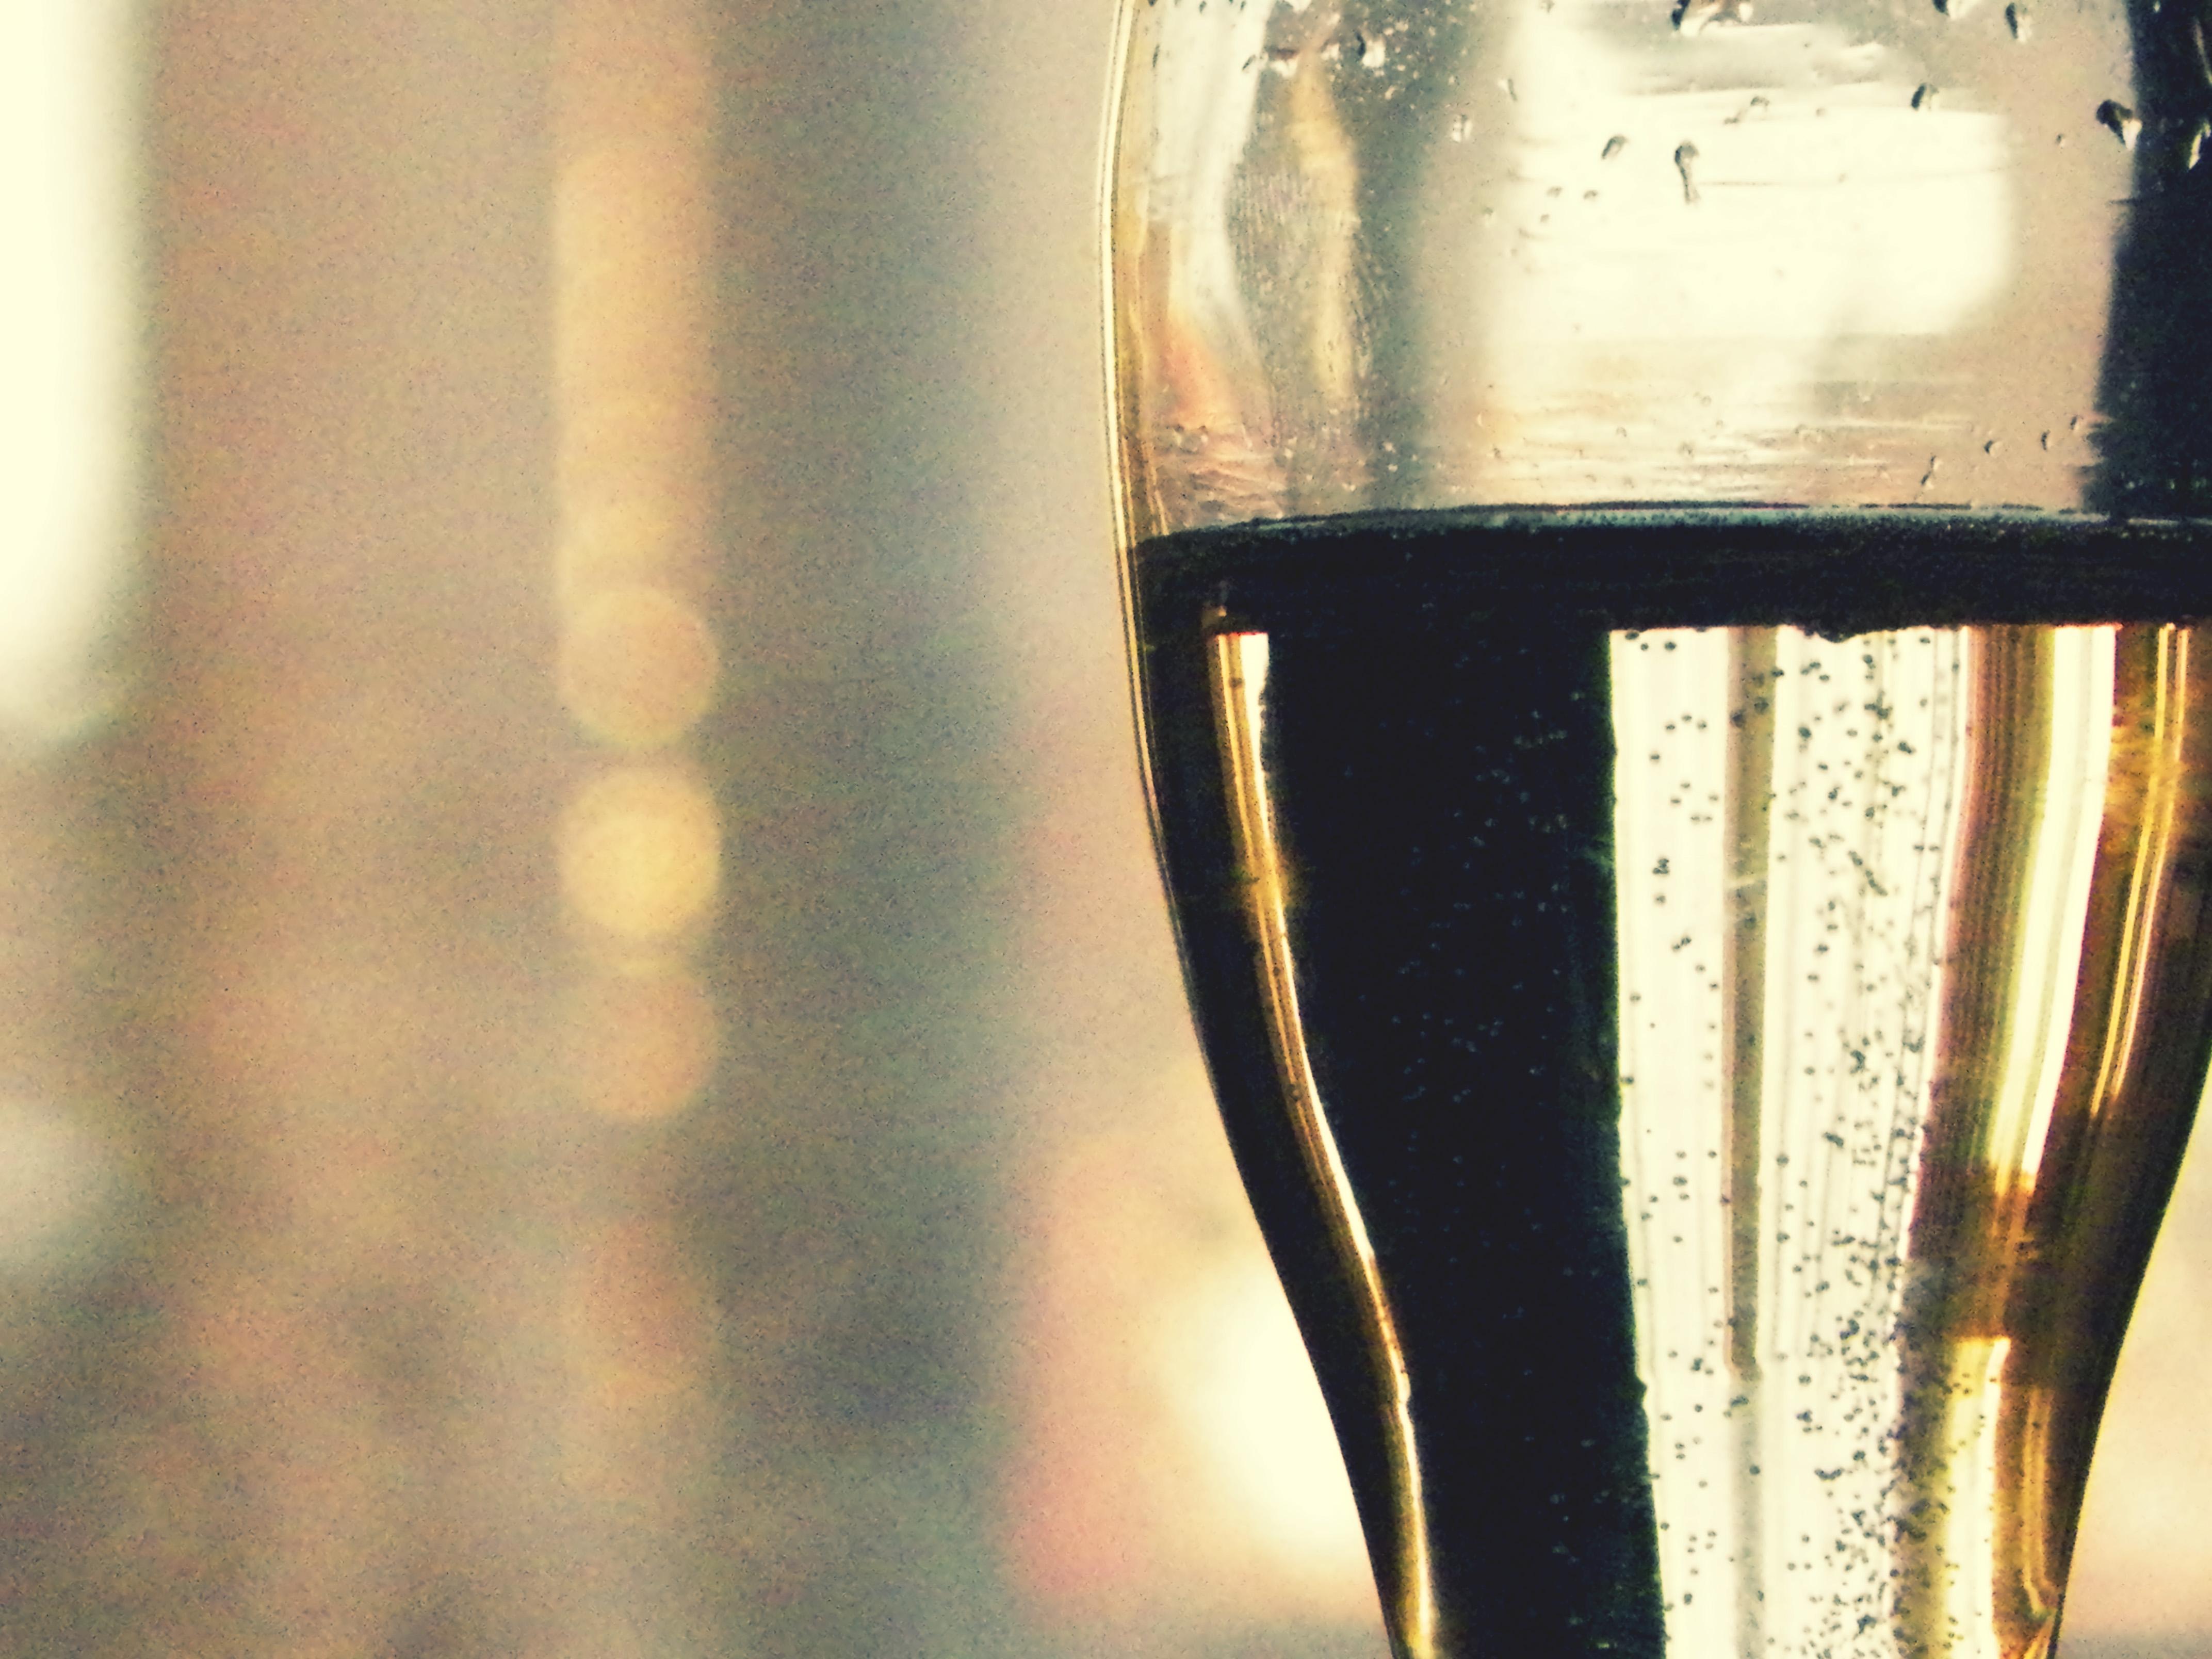 Como si fueran burbujas de champagne... by Followmebehindthis